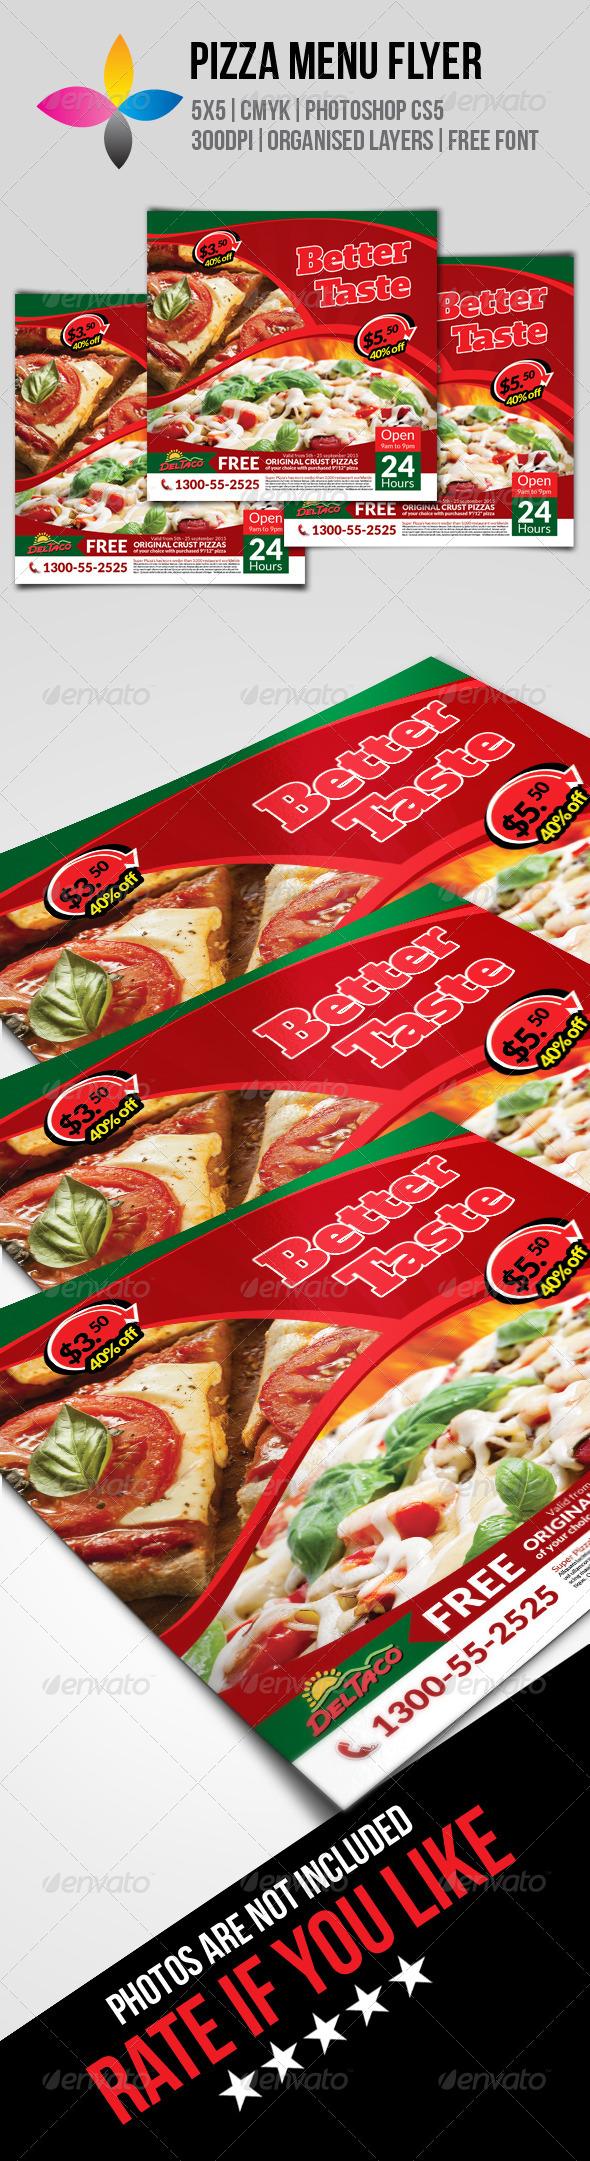 GraphicRiver Pizza Menu Flyer 8467095